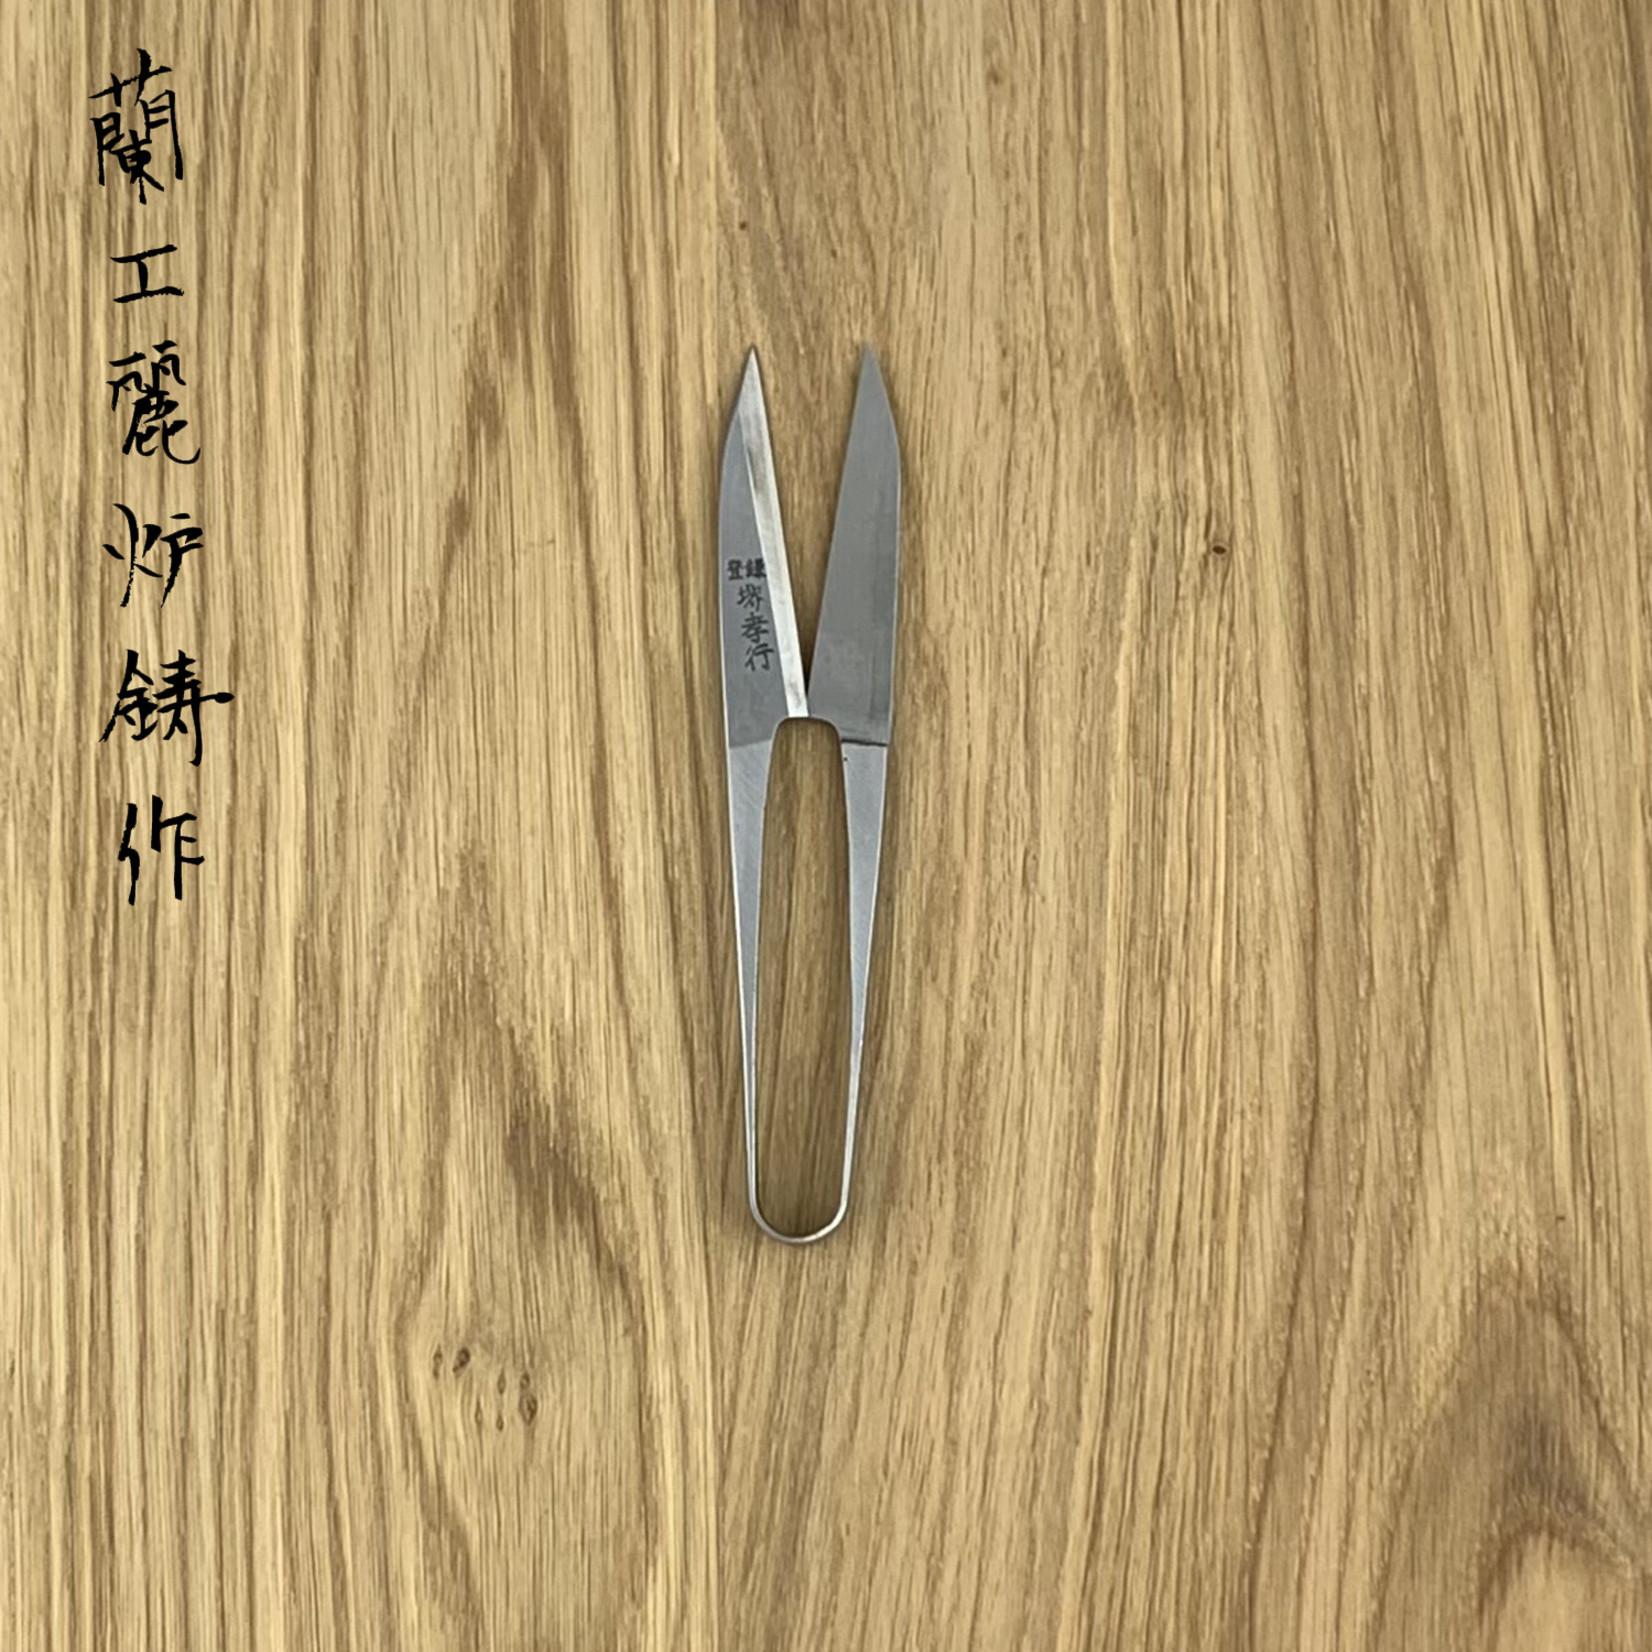 SAKAI TAKAYUKI herb scissors 39092